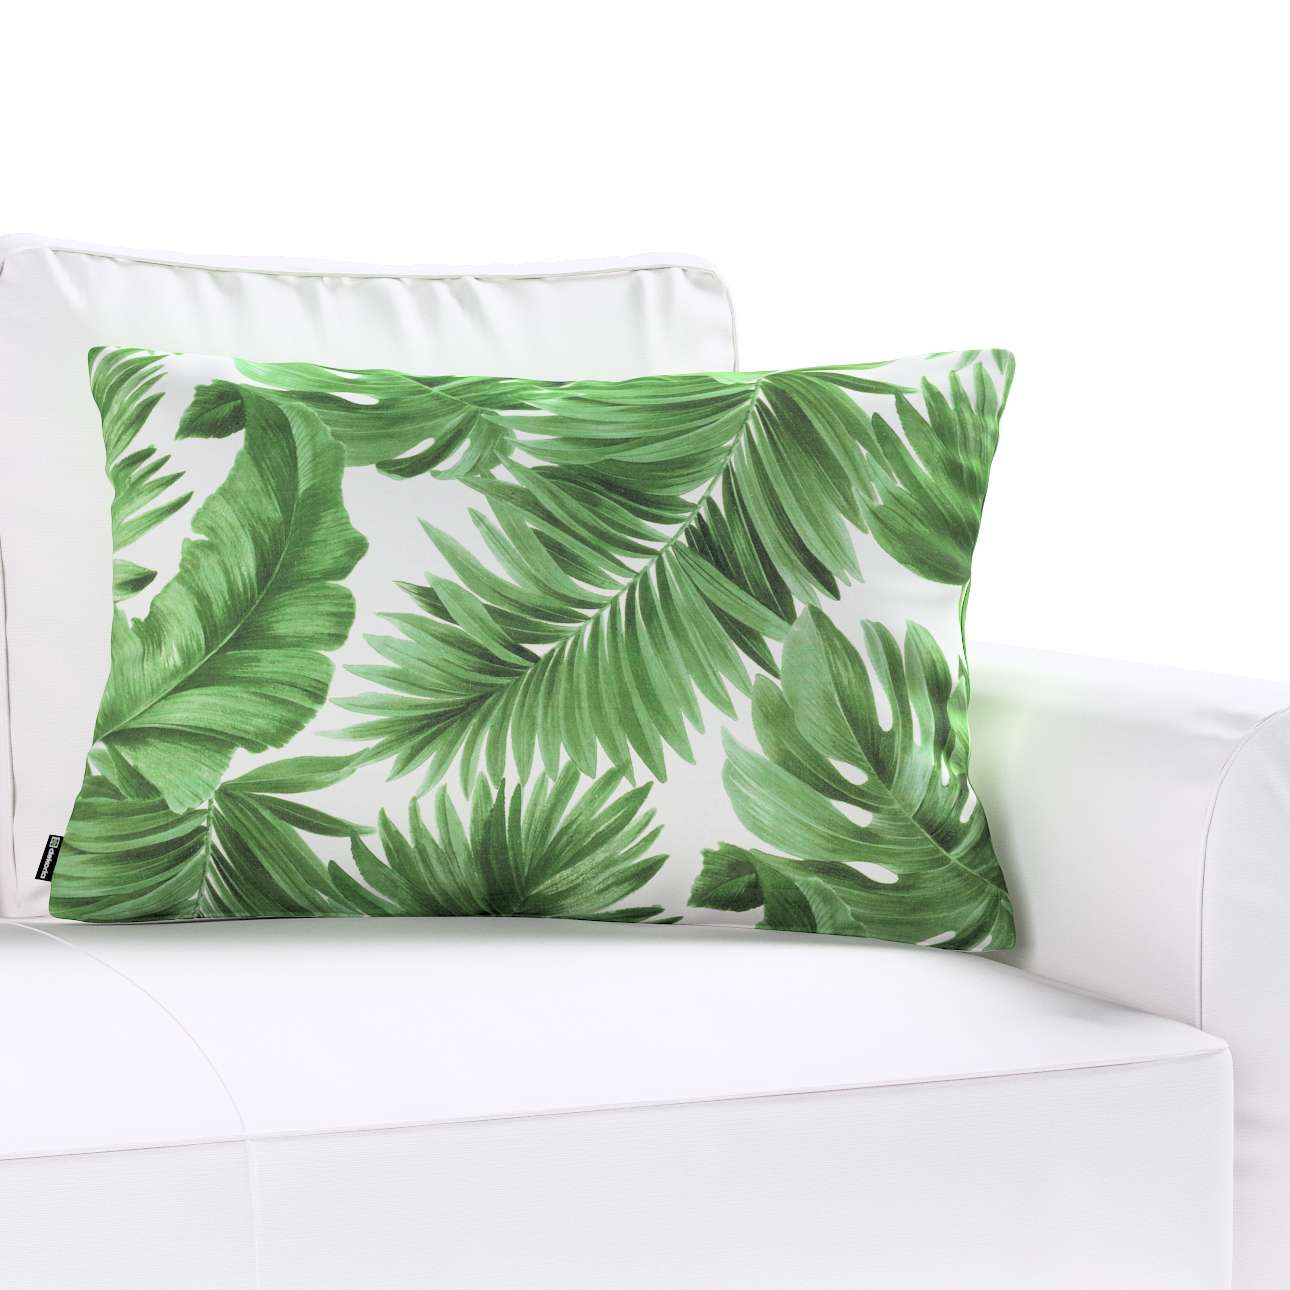 Poszewka Kinga na poduszkę prostokątną w kolekcji Urban Jungle, tkanina: 141-71